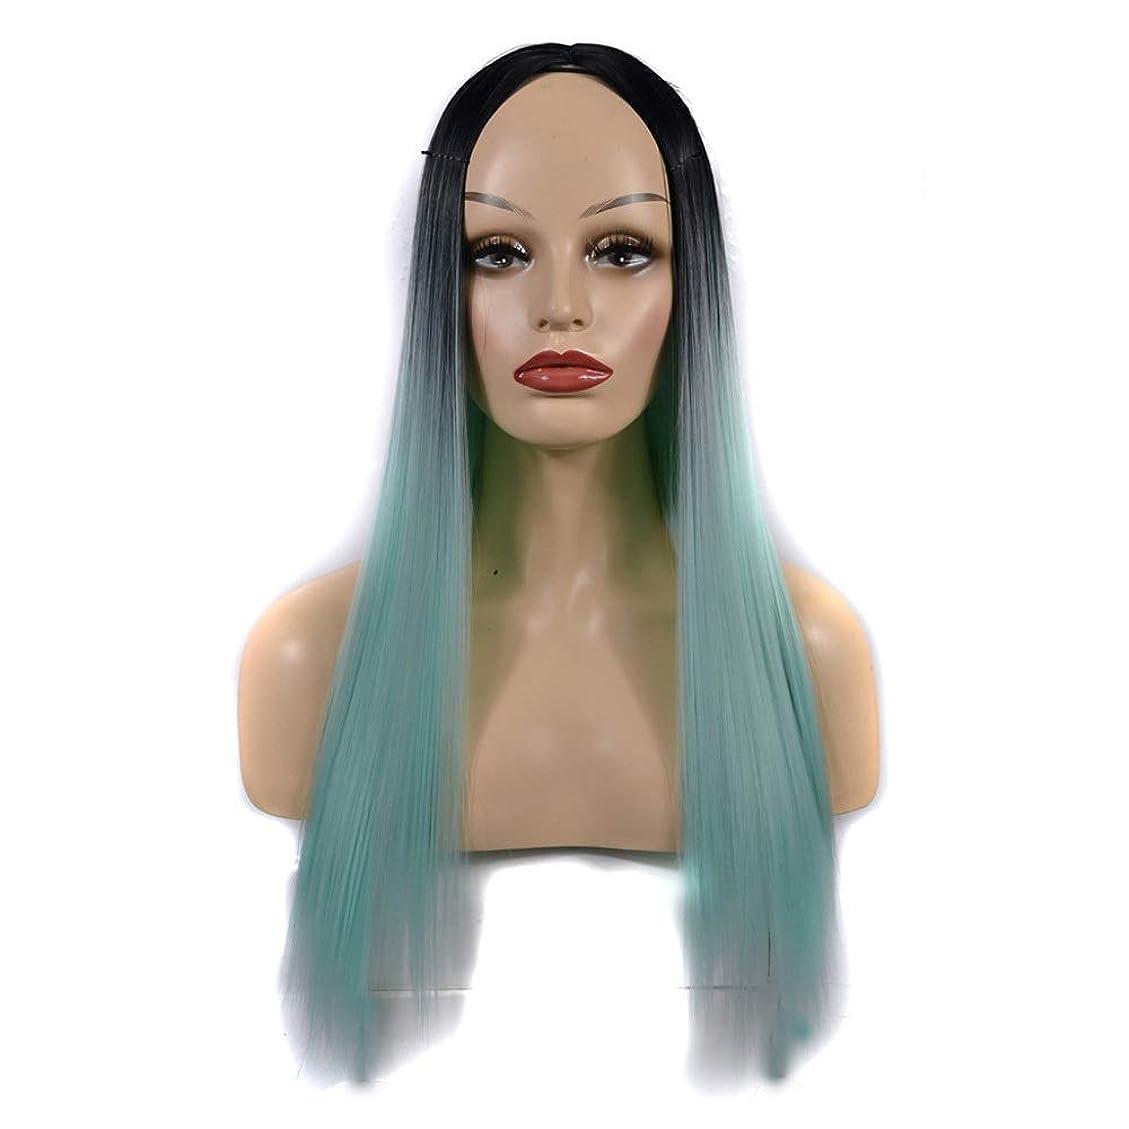 スイス人胆嚢割合かつら 女性のための合成かつら黒髪の根緑の長いストレートの髪自然なパーティー用ウィッグ (色 : オレンジ, サイズ : 60cm)